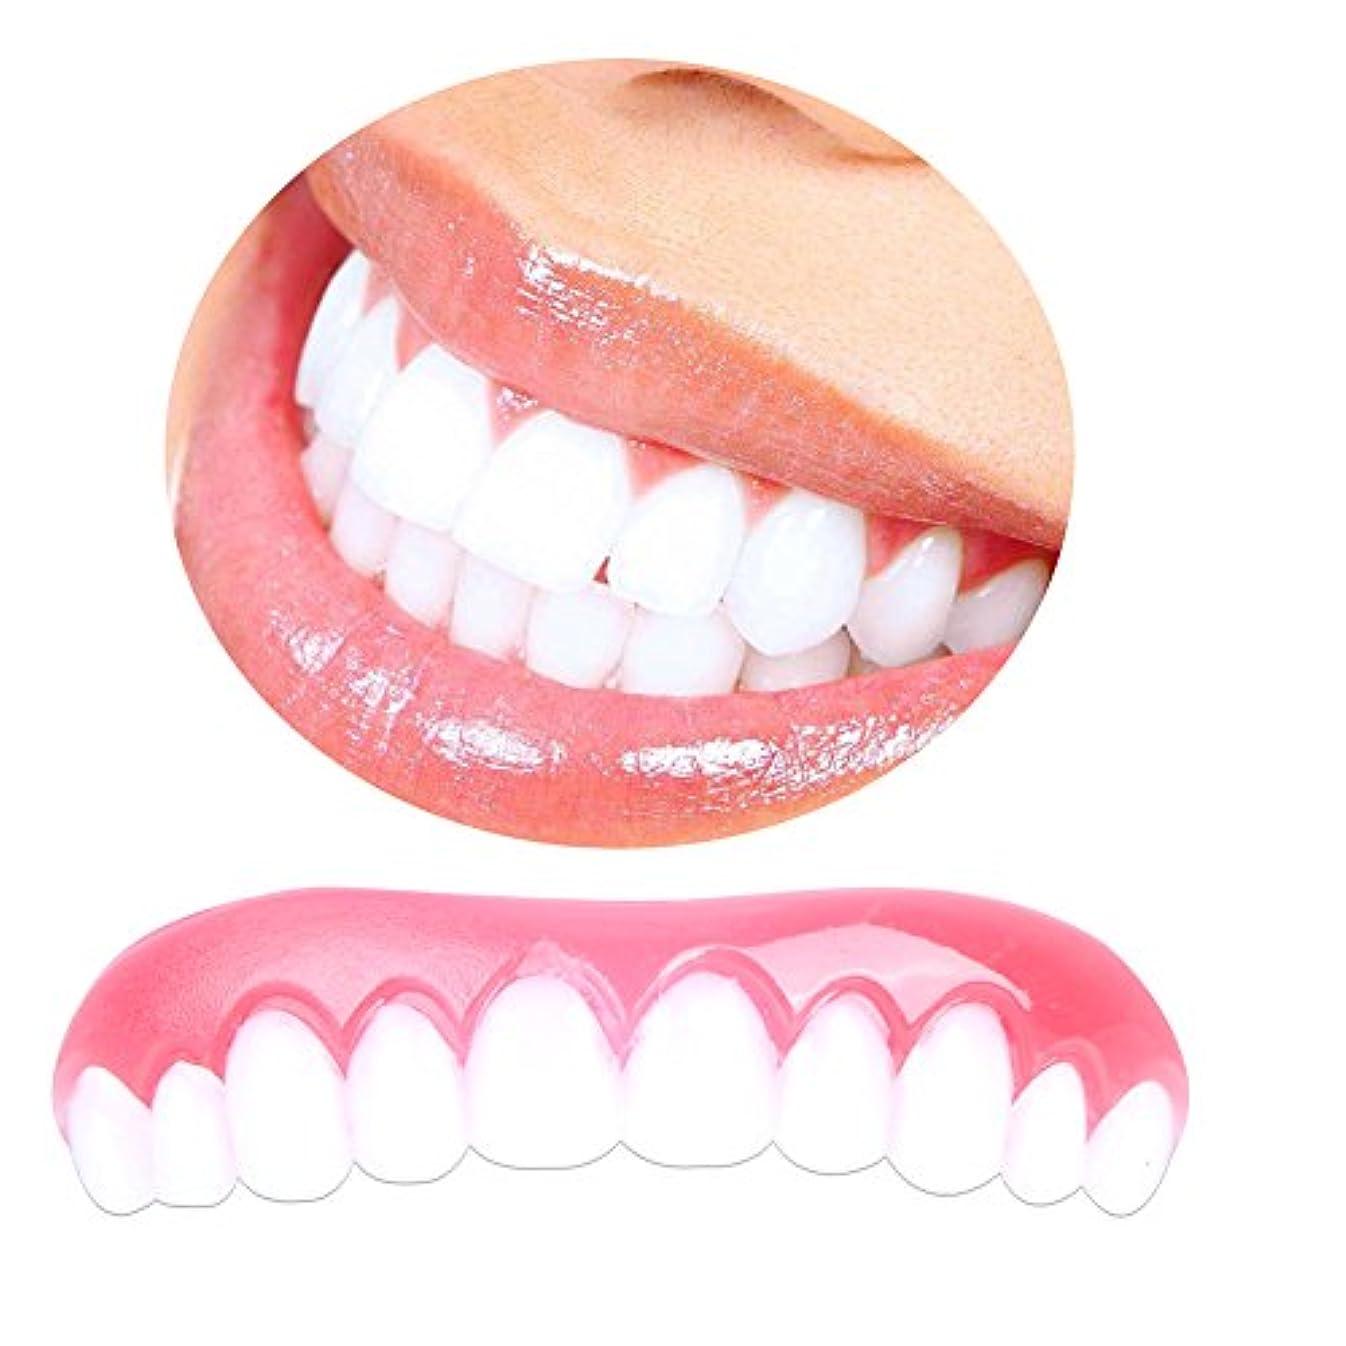 コンフォートフィットフレックス化粧品歯パーフェクトスマイルベニアダブの歯の矯正用ダブ歯用ホワイトパーフェクトスマイルベニア歯のホワイトニング-2個